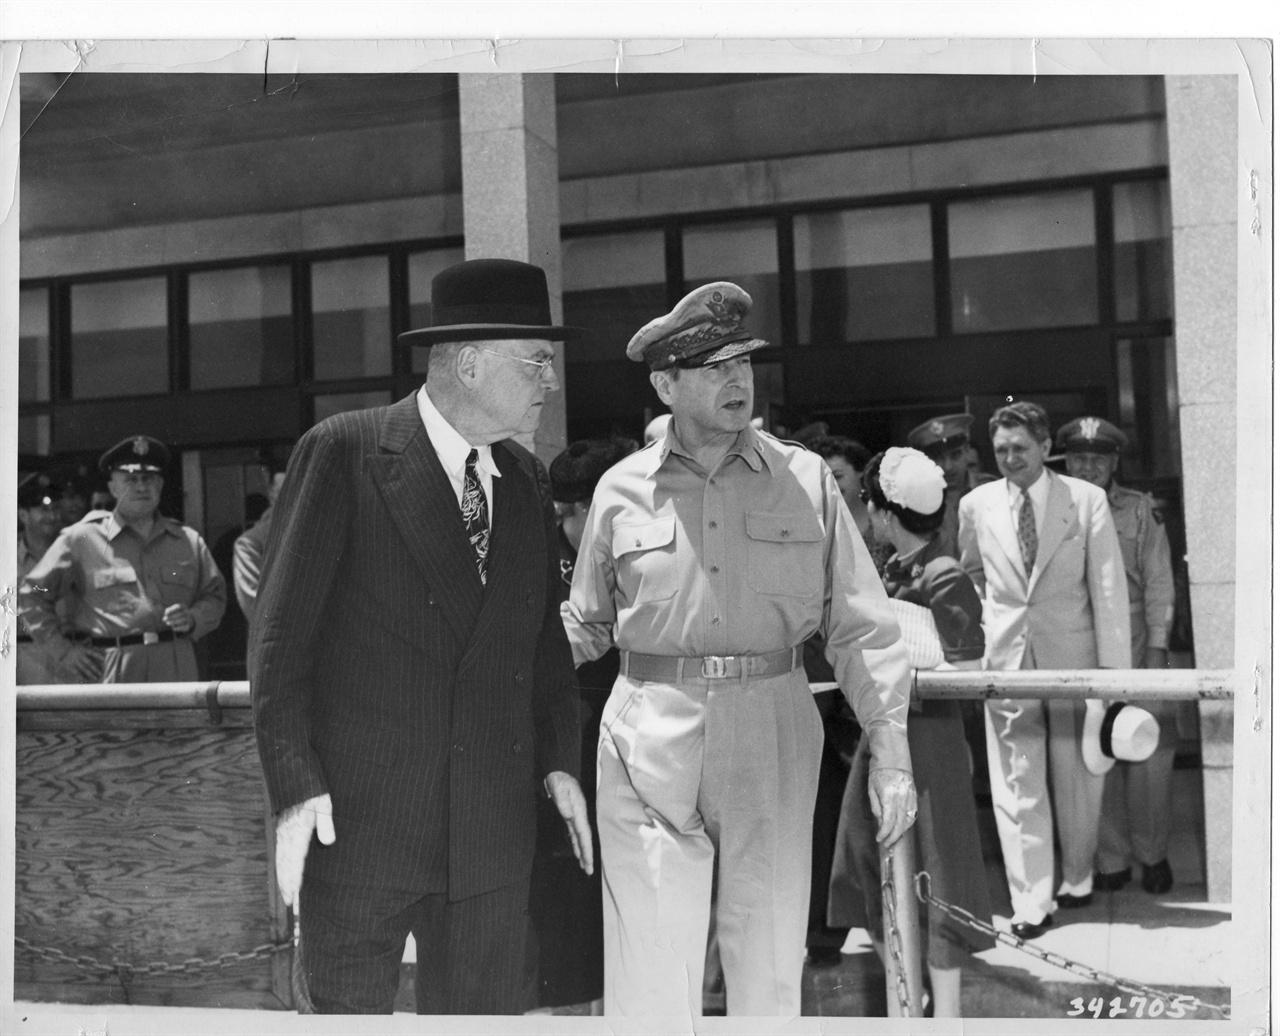 8. 한국전쟁 발발 직후 덜레스 국무장관이 도쿄 하네다 공항으로 날아오자 맥아더 장군이 영접하고 있다(1950. 6. 27.).